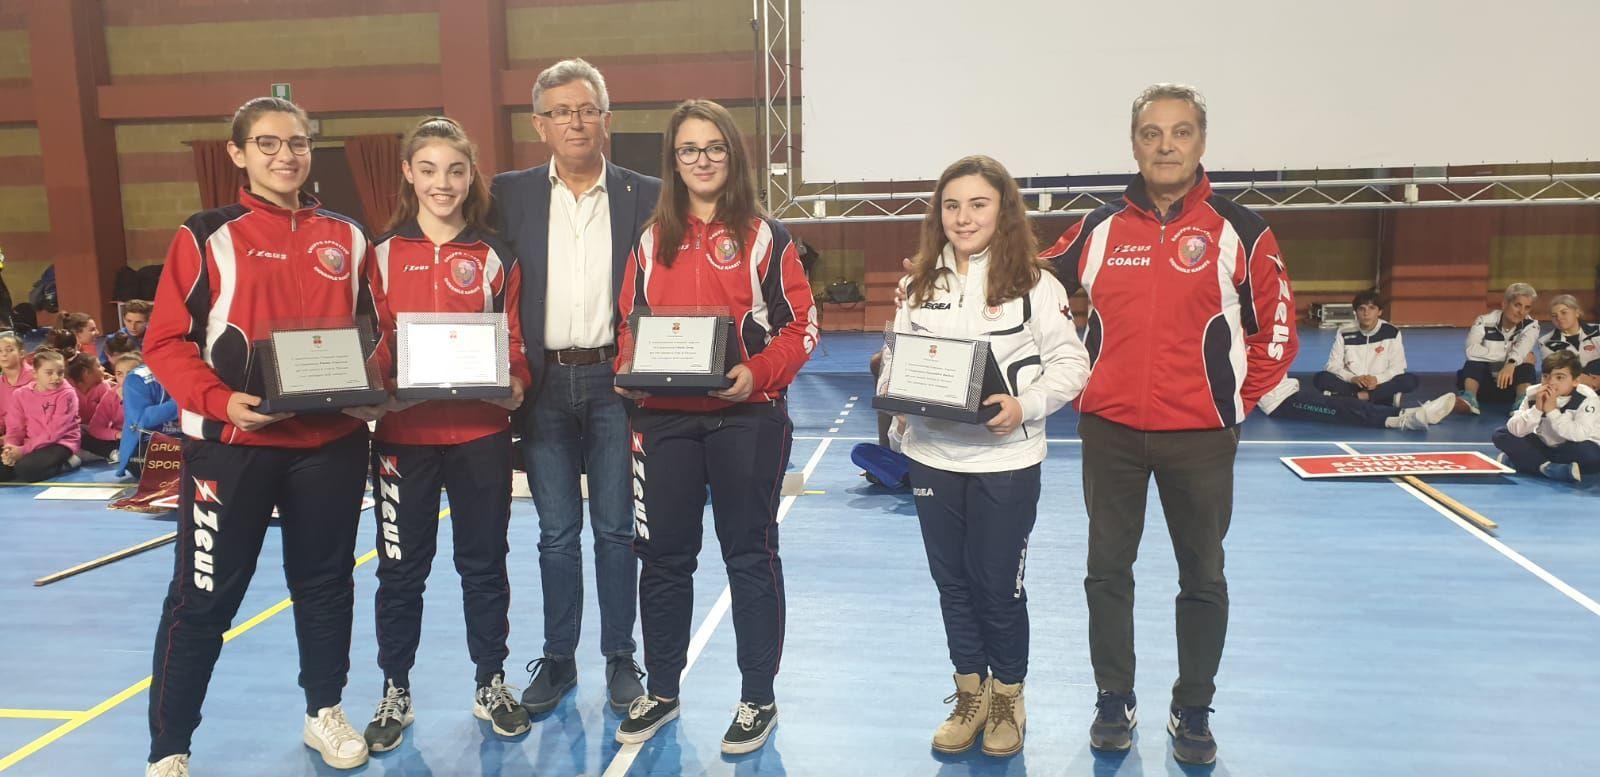 CHIVASSO - Il Comune ha premiato gli sportivi dell'anno - FOTO